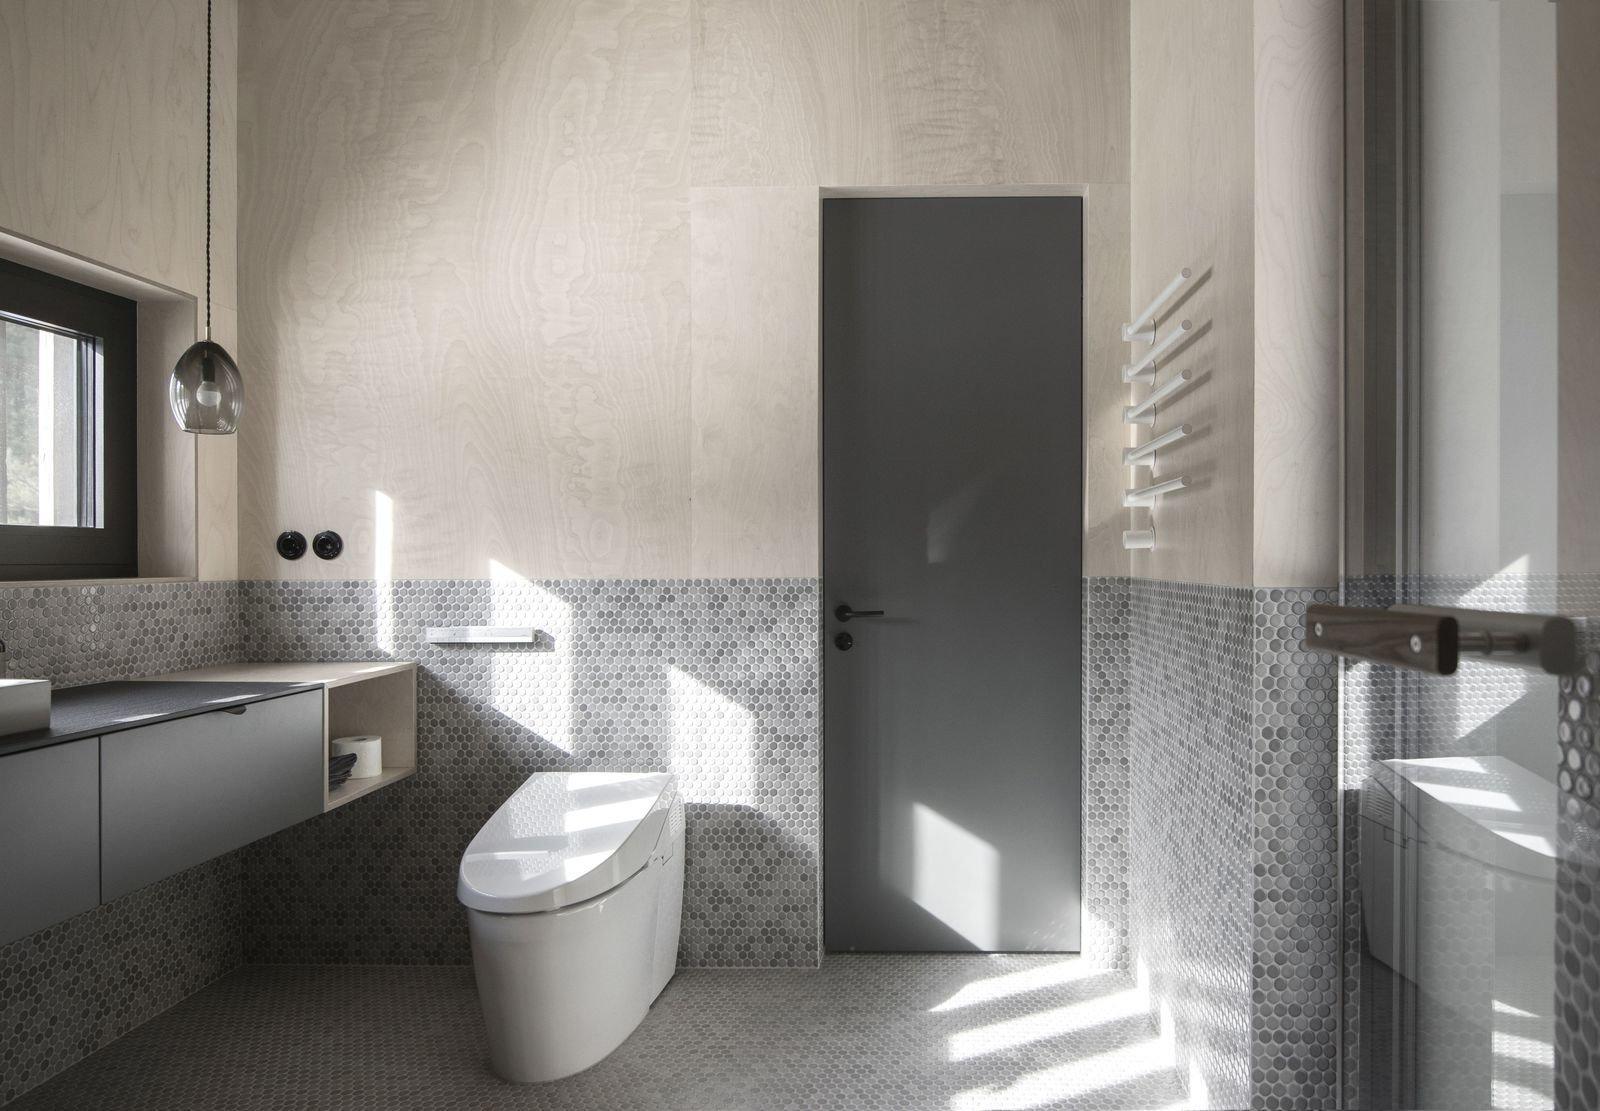 Bath, One Piece, Ceramic Tile, Mosaic Tile, Pendant, Vessel, Wood, and Quartzite  Best Bath Vessel Mosaic Tile Photos from House ILL